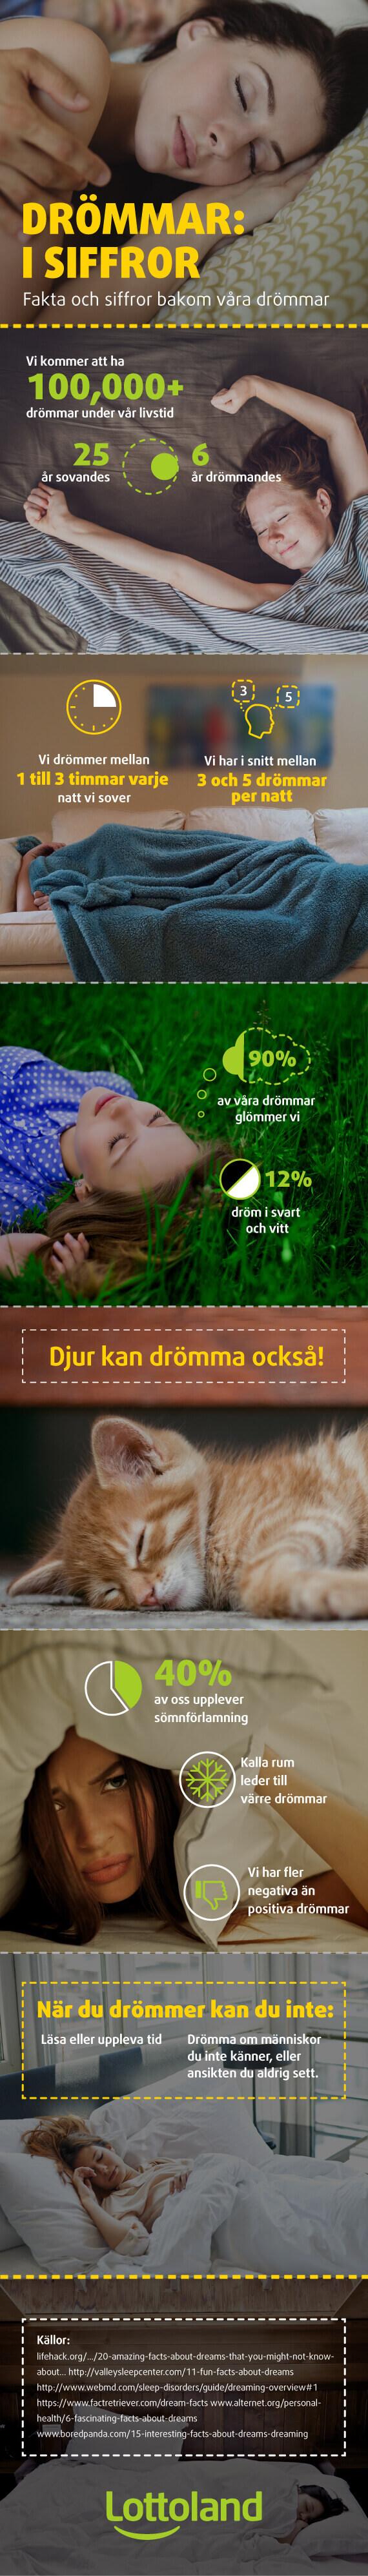 Intressant fakta och statistik om våra drömmar.